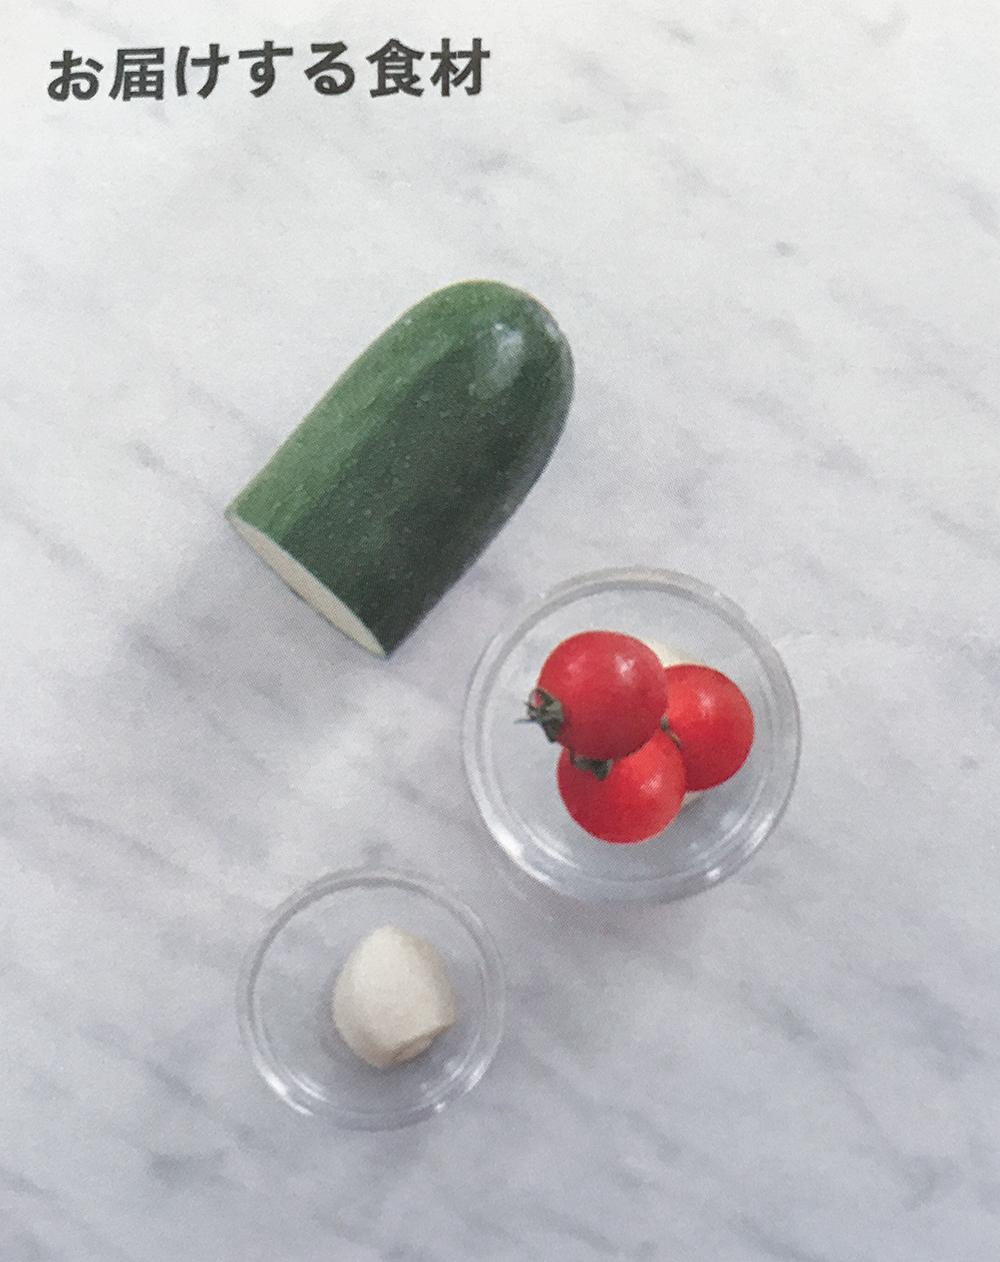 oisix kit 副菜の材料